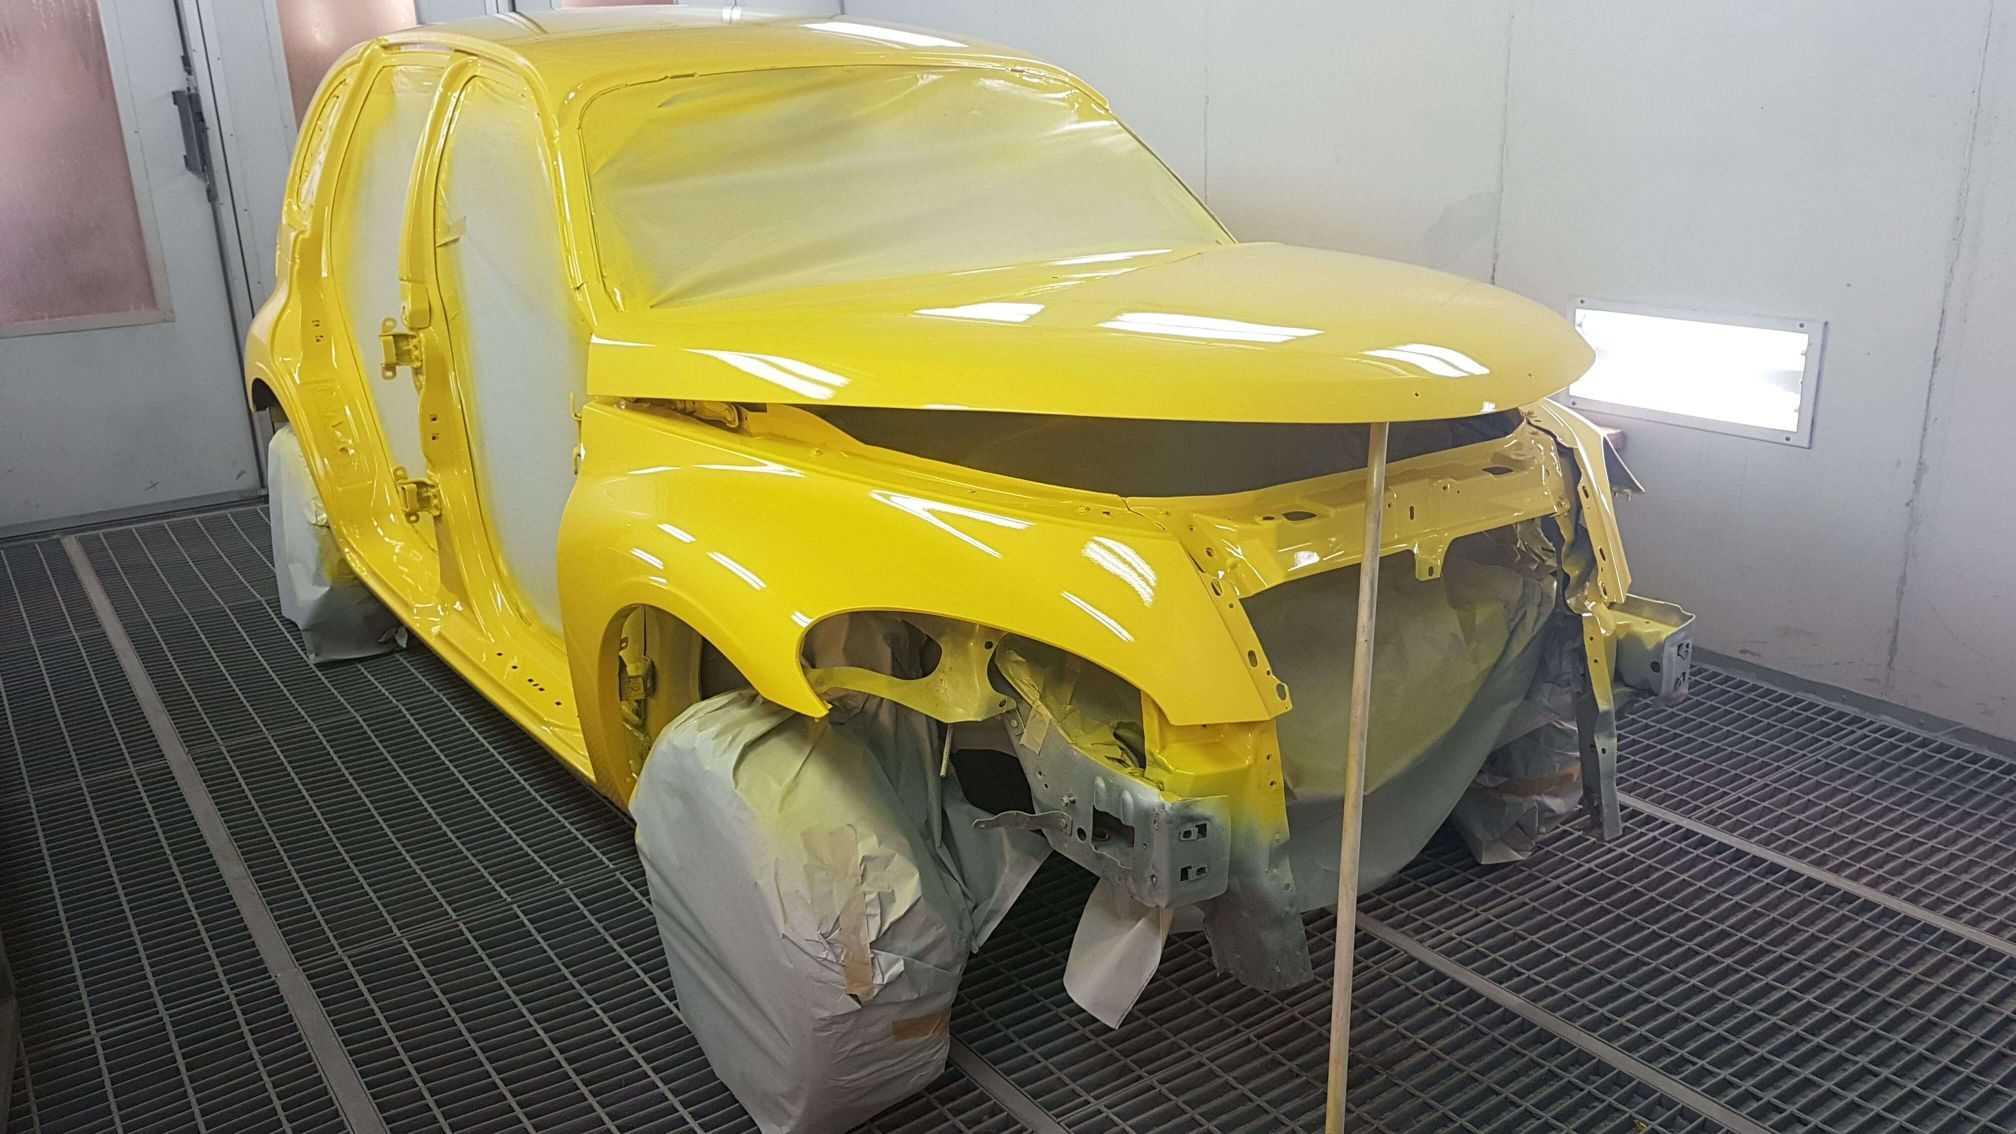 Полная перекраска автомобиля. Узнайте, как сэкономить на покраске